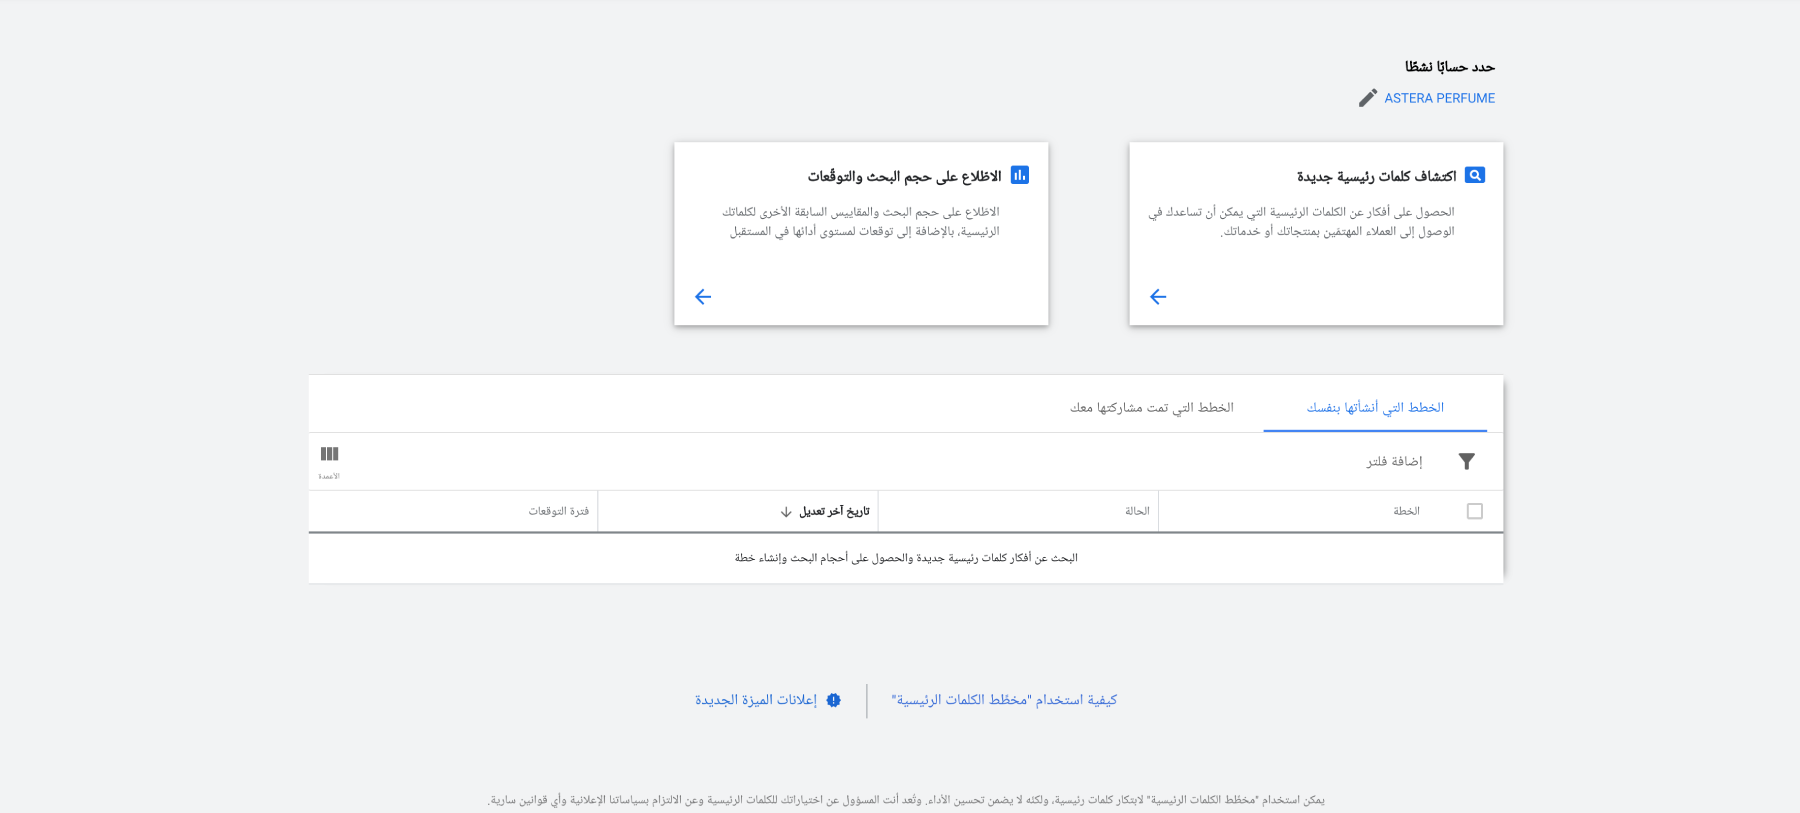 أهمية الكلمات الرئيسية في إعلان جوجل